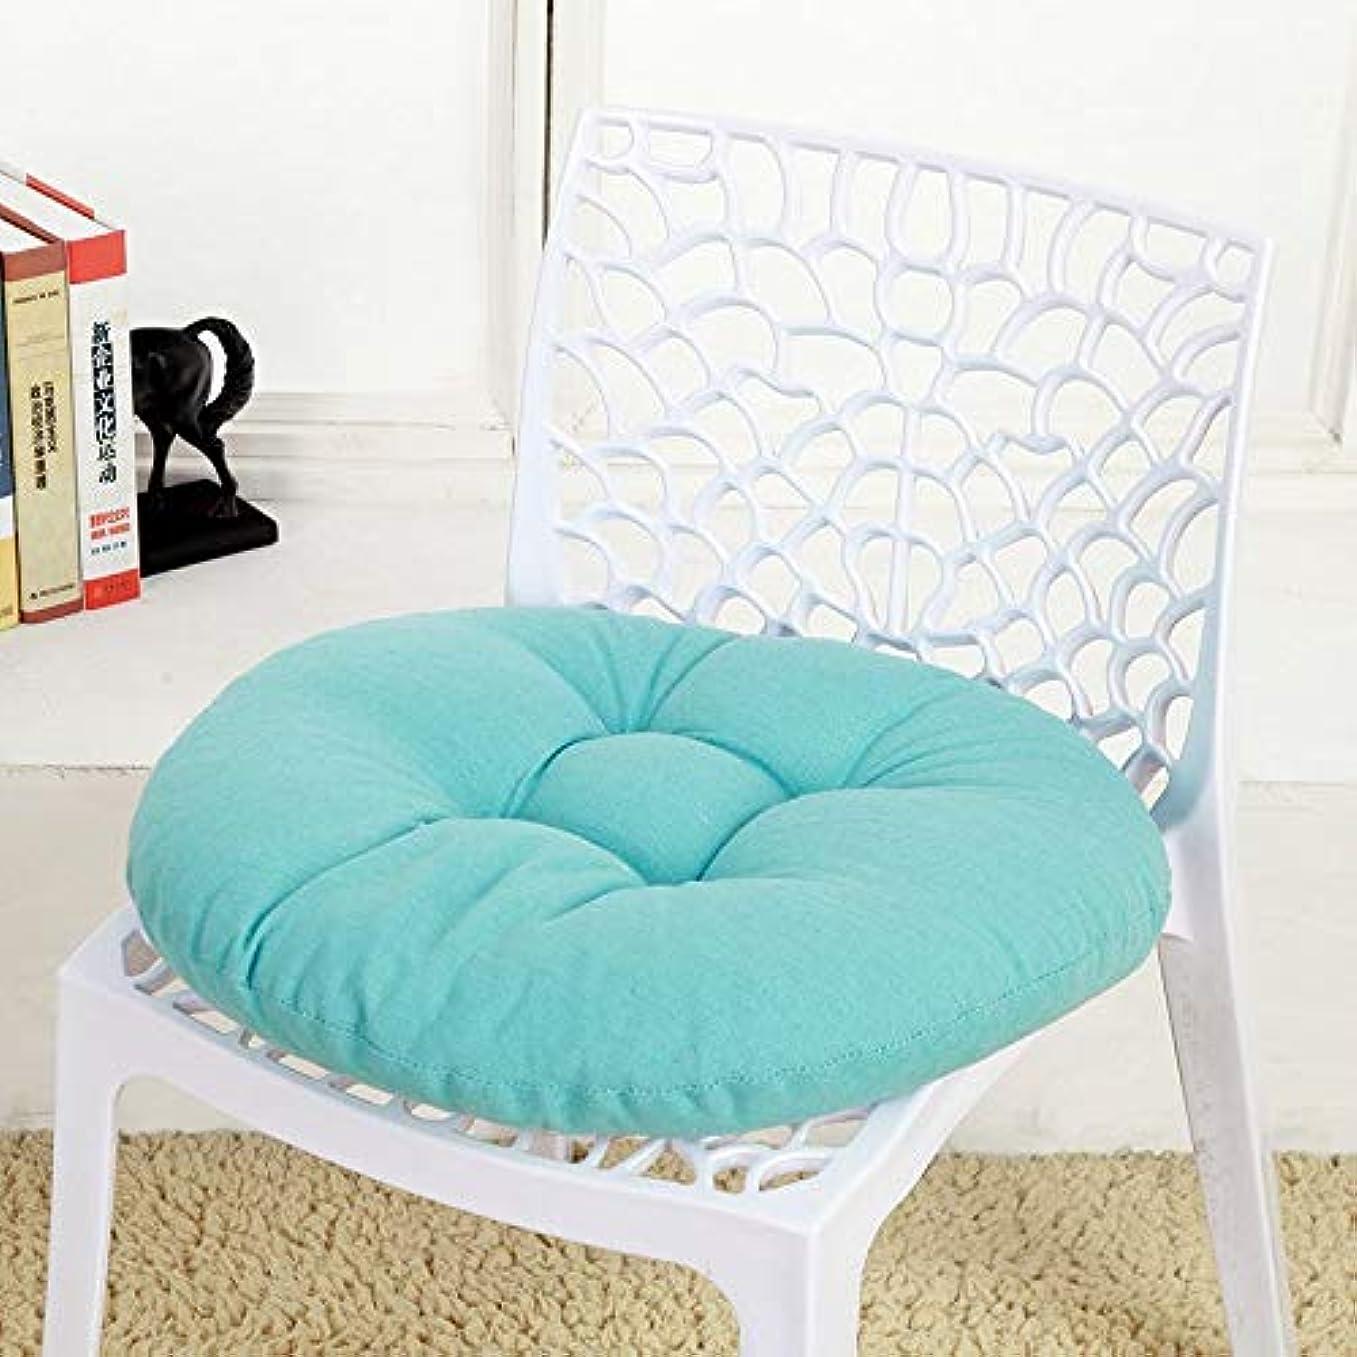 ふりをするまだら伝導LIFE キャンディカラーのクッションラウンドシートクッション波ウィンドウシートクッションクッション家の装飾パッドラウンド枕シート枕椅子座る枕 クッション 椅子